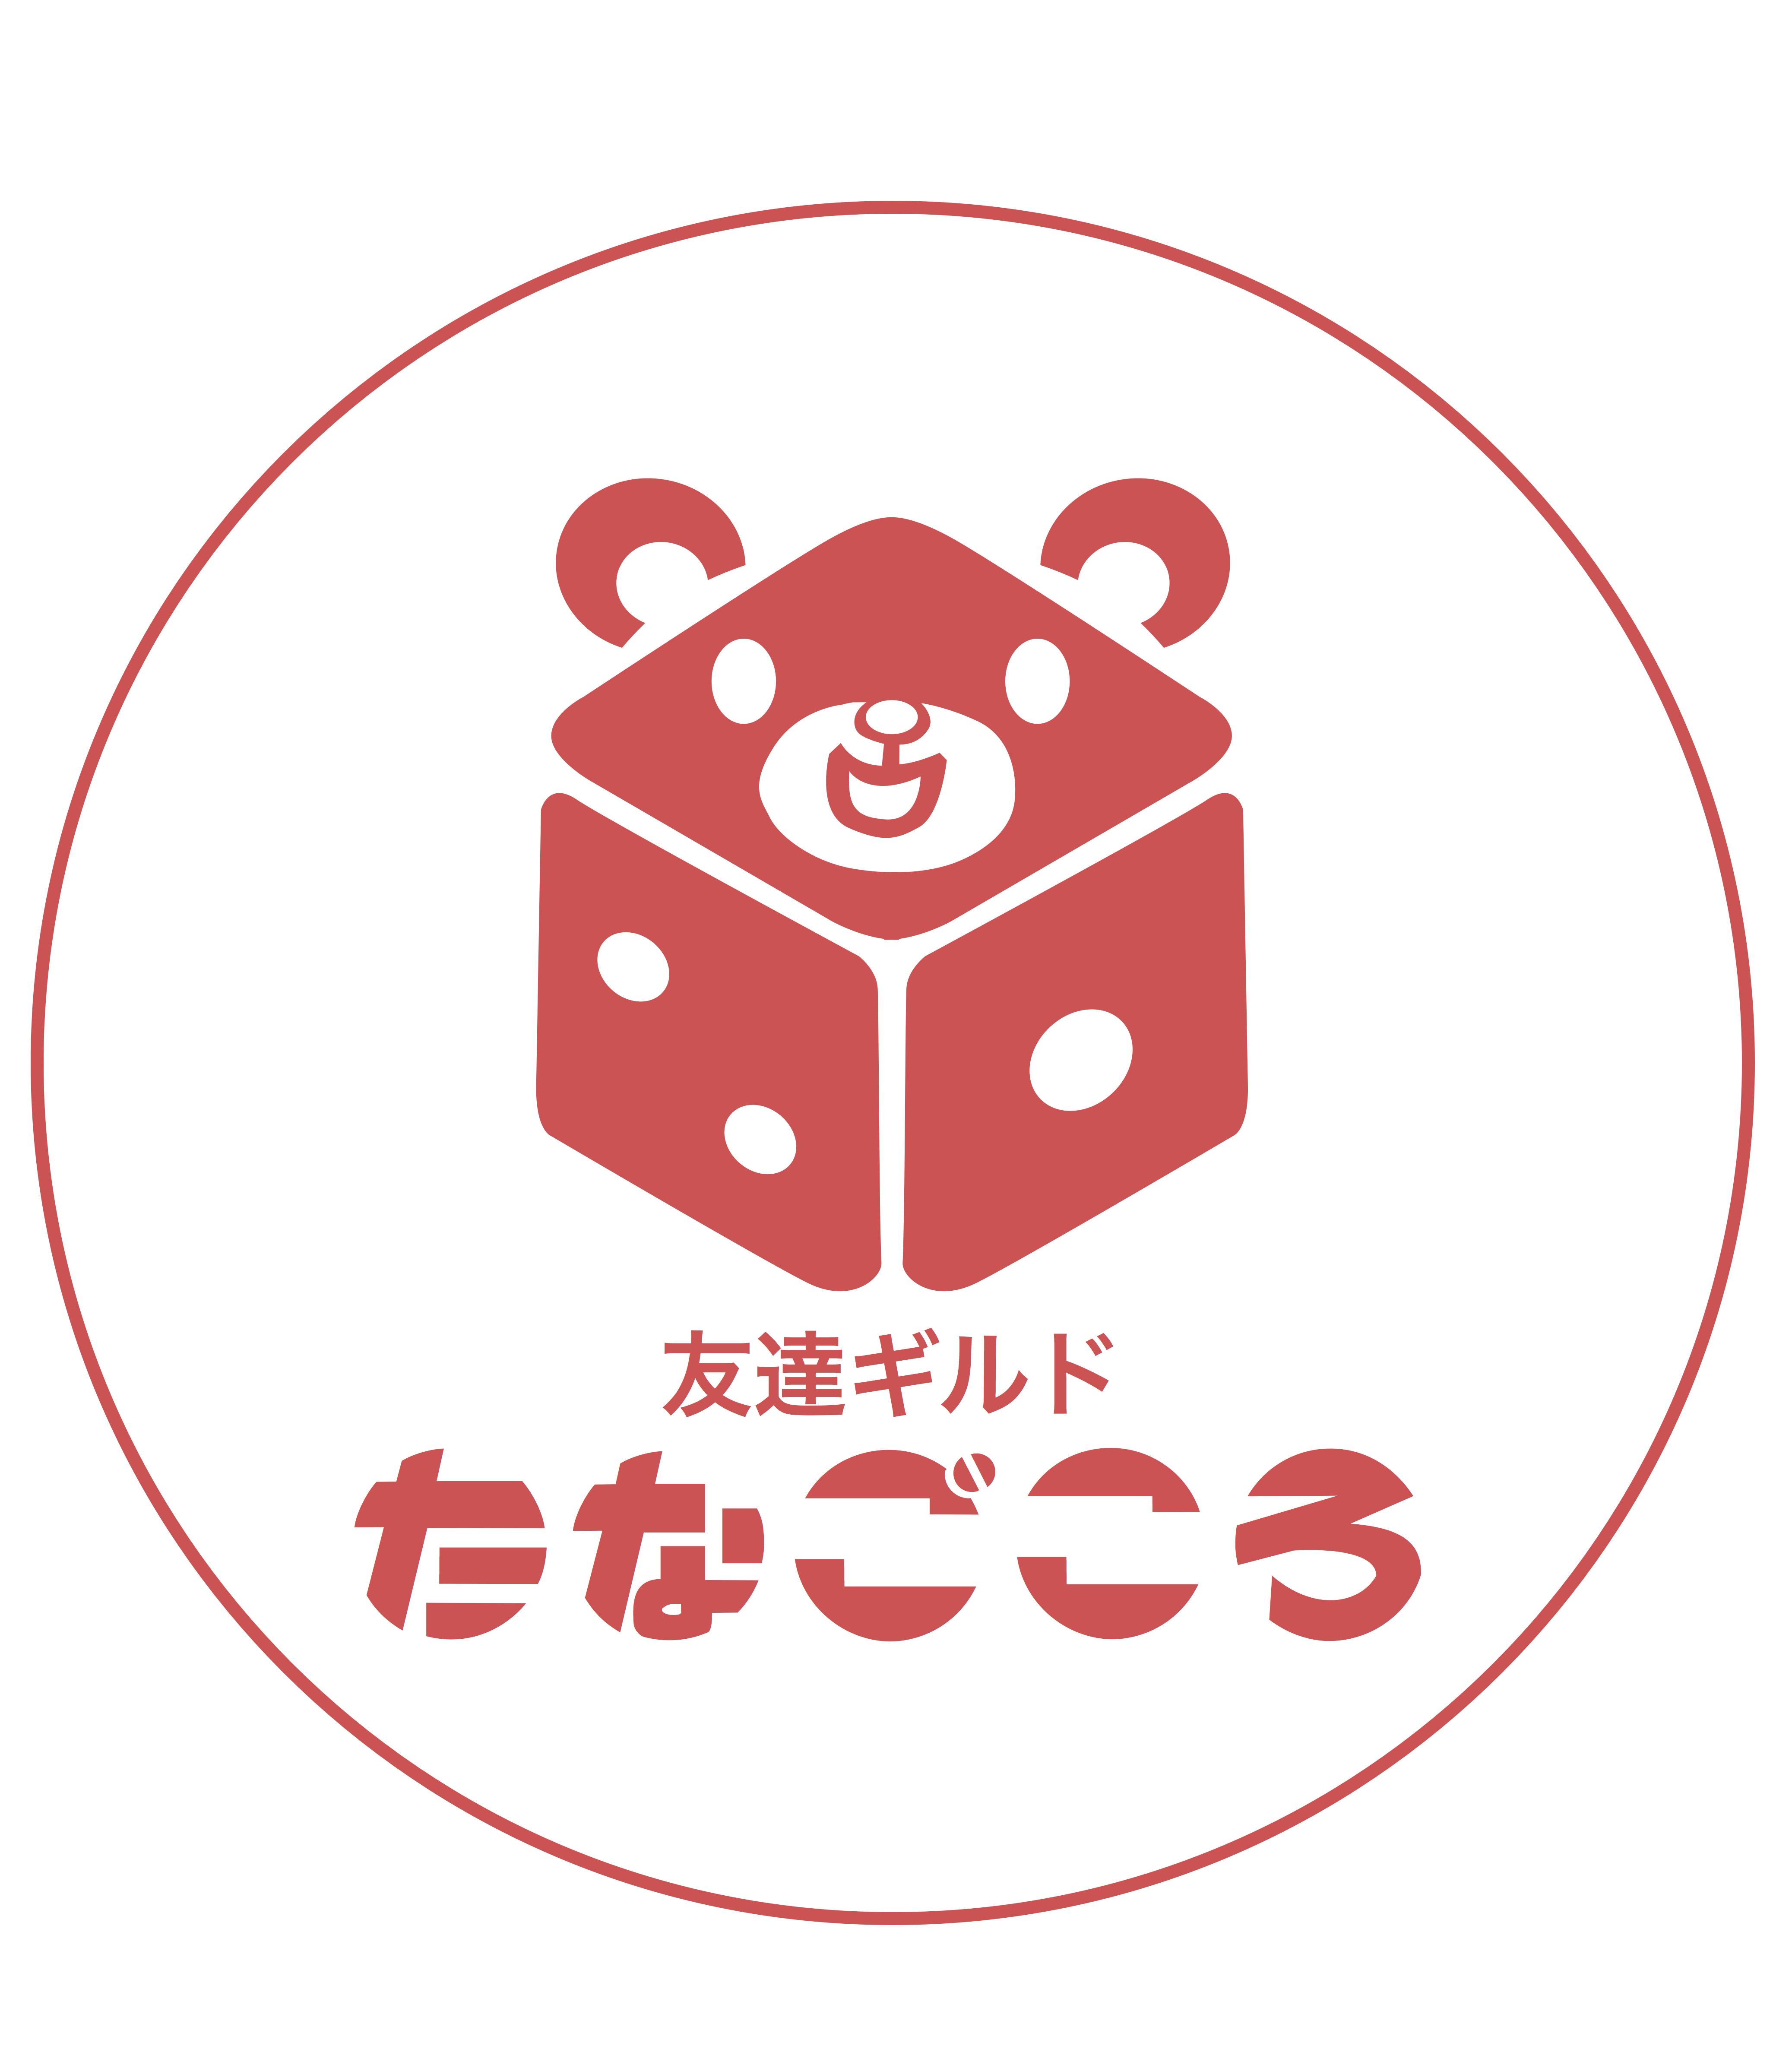 友達酒場(ギルド) たなごころ(トモダチサカバ ギルド タナゴコロ)